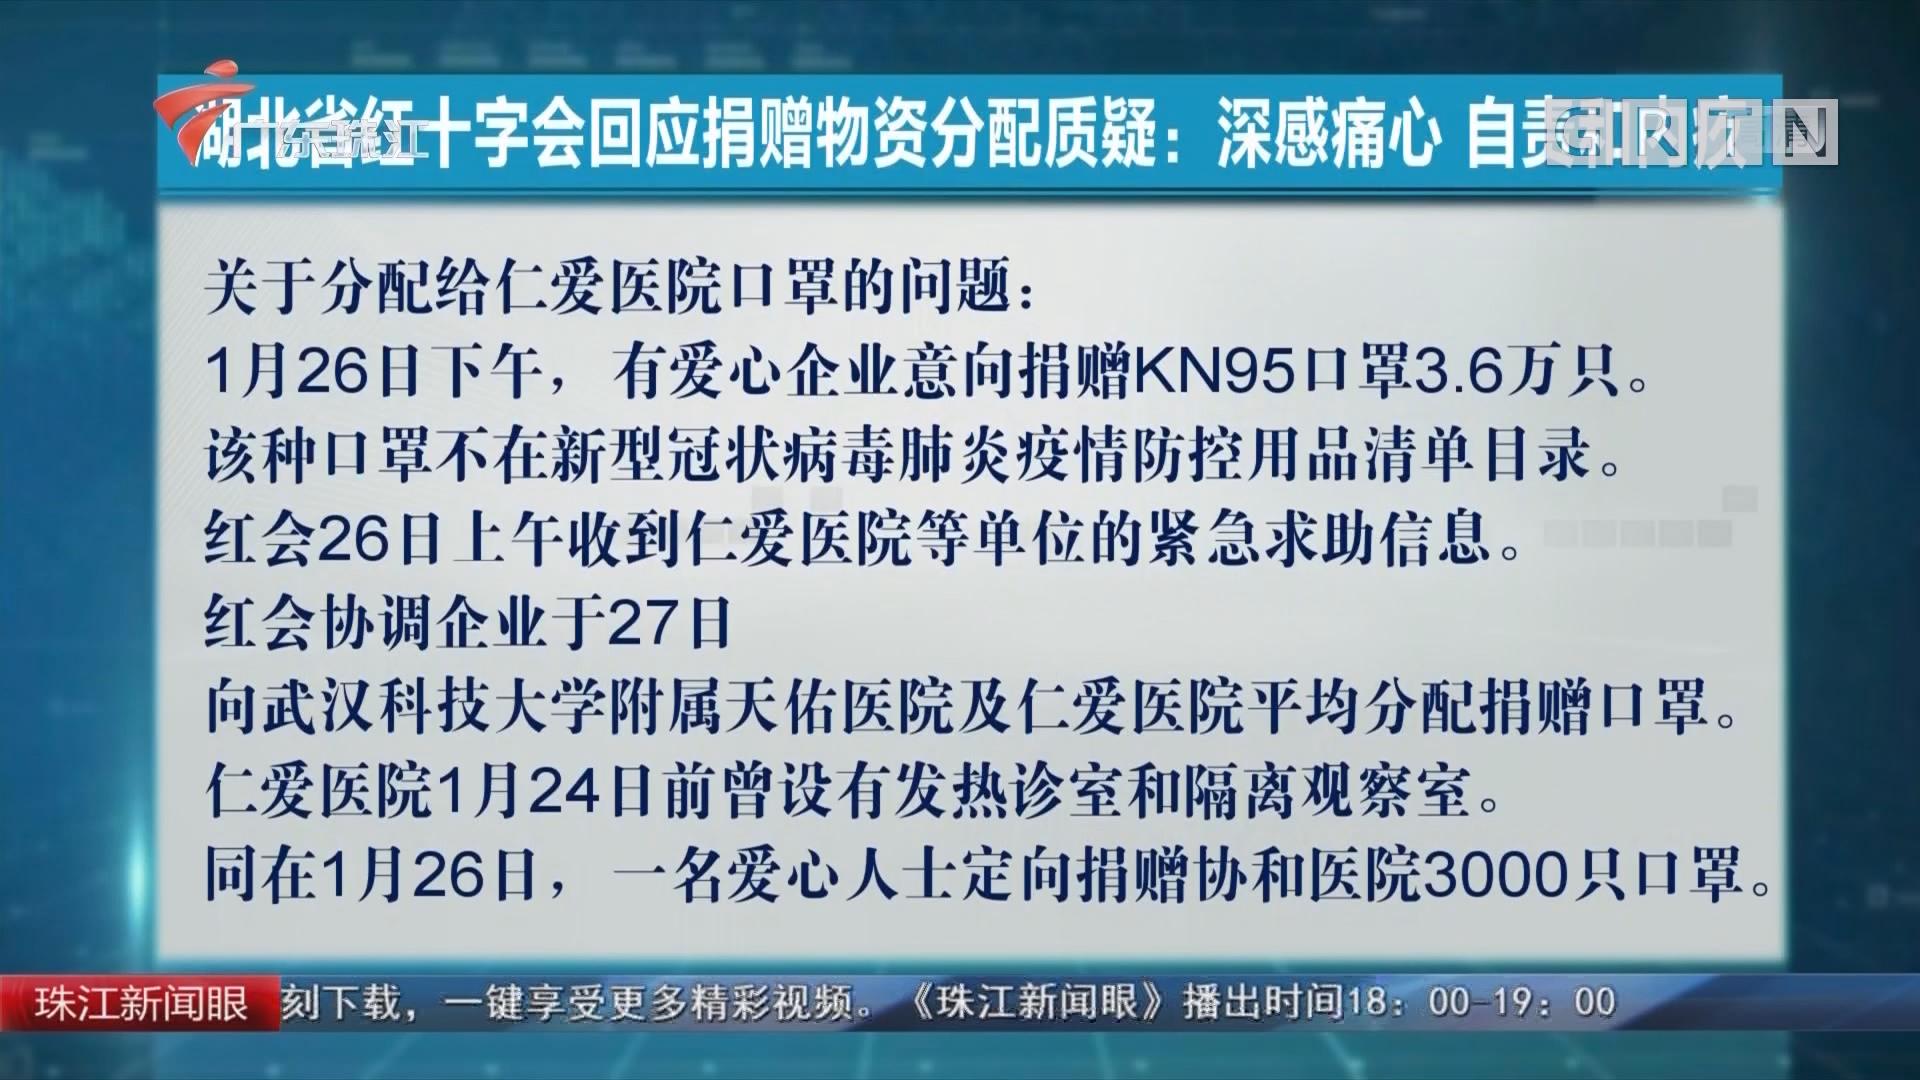 湖北省红十字会回应捐赠物资分配质疑:深感痛心 自责和内疚